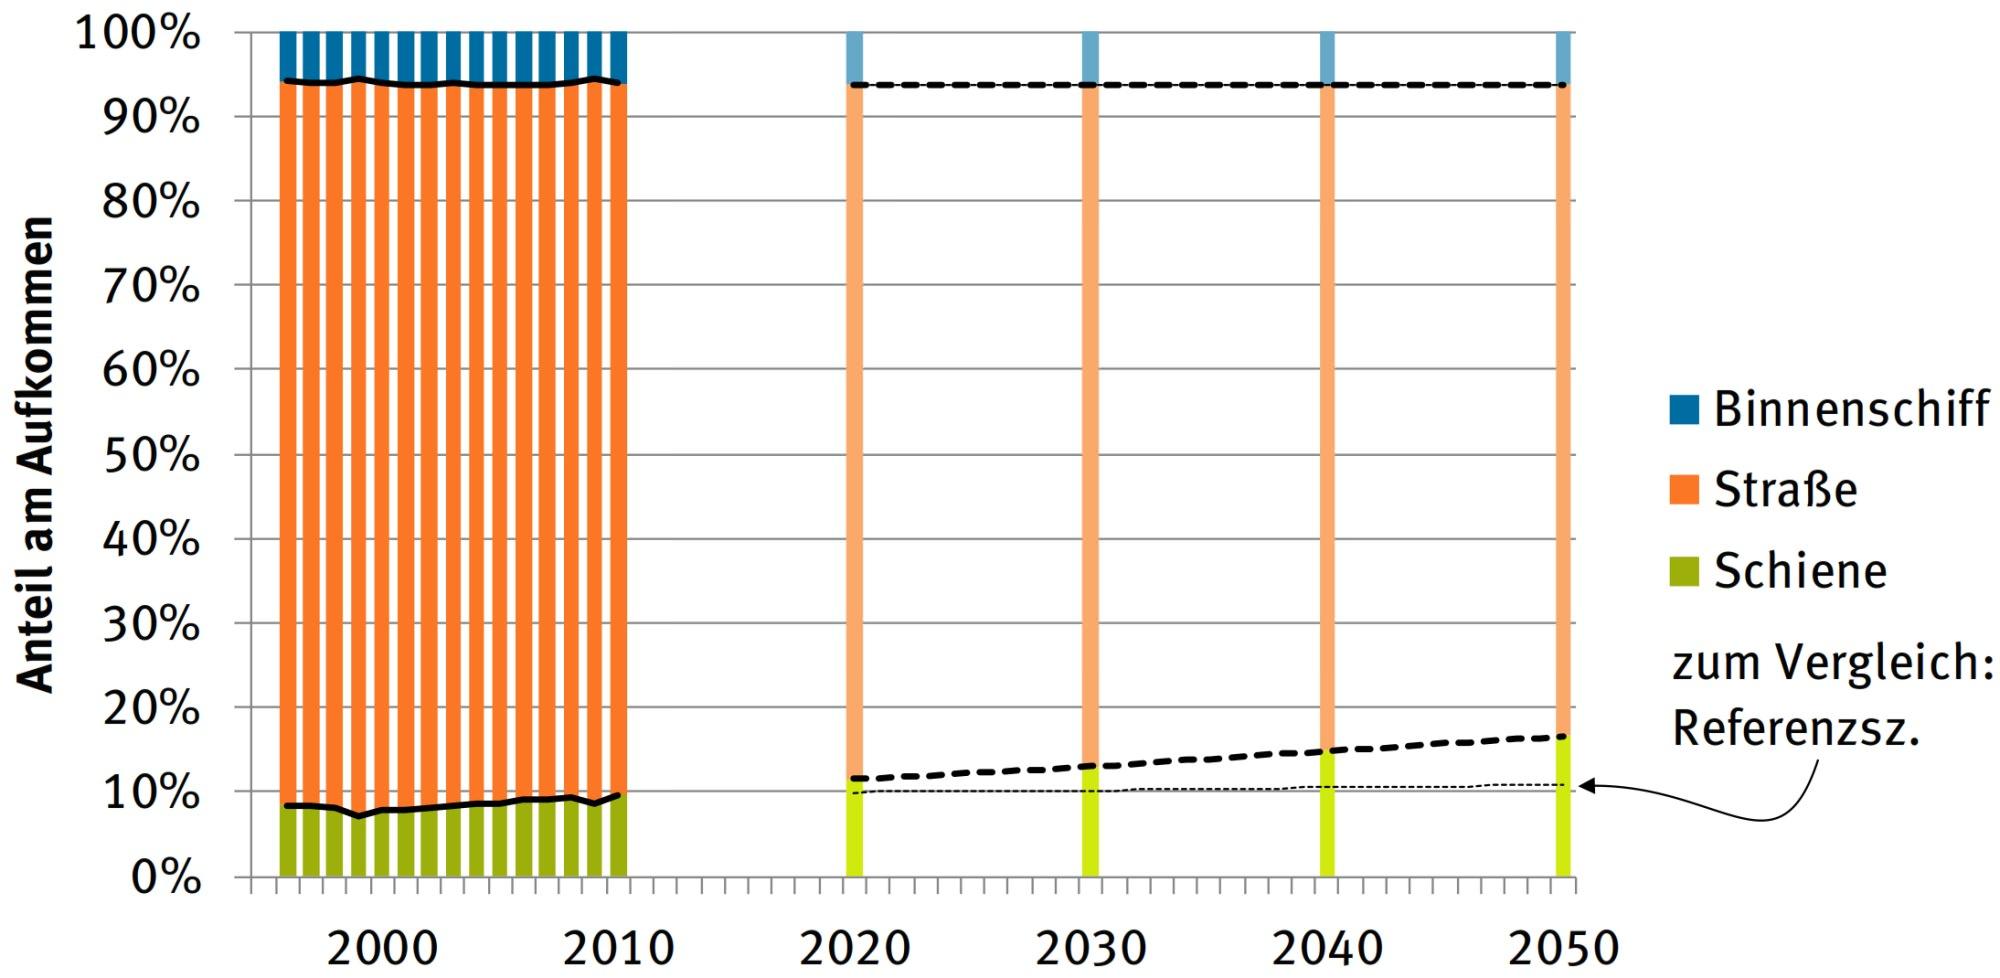 Modal Split Güterverkehr Klimaschutz Lkw Schienengüterverkehr